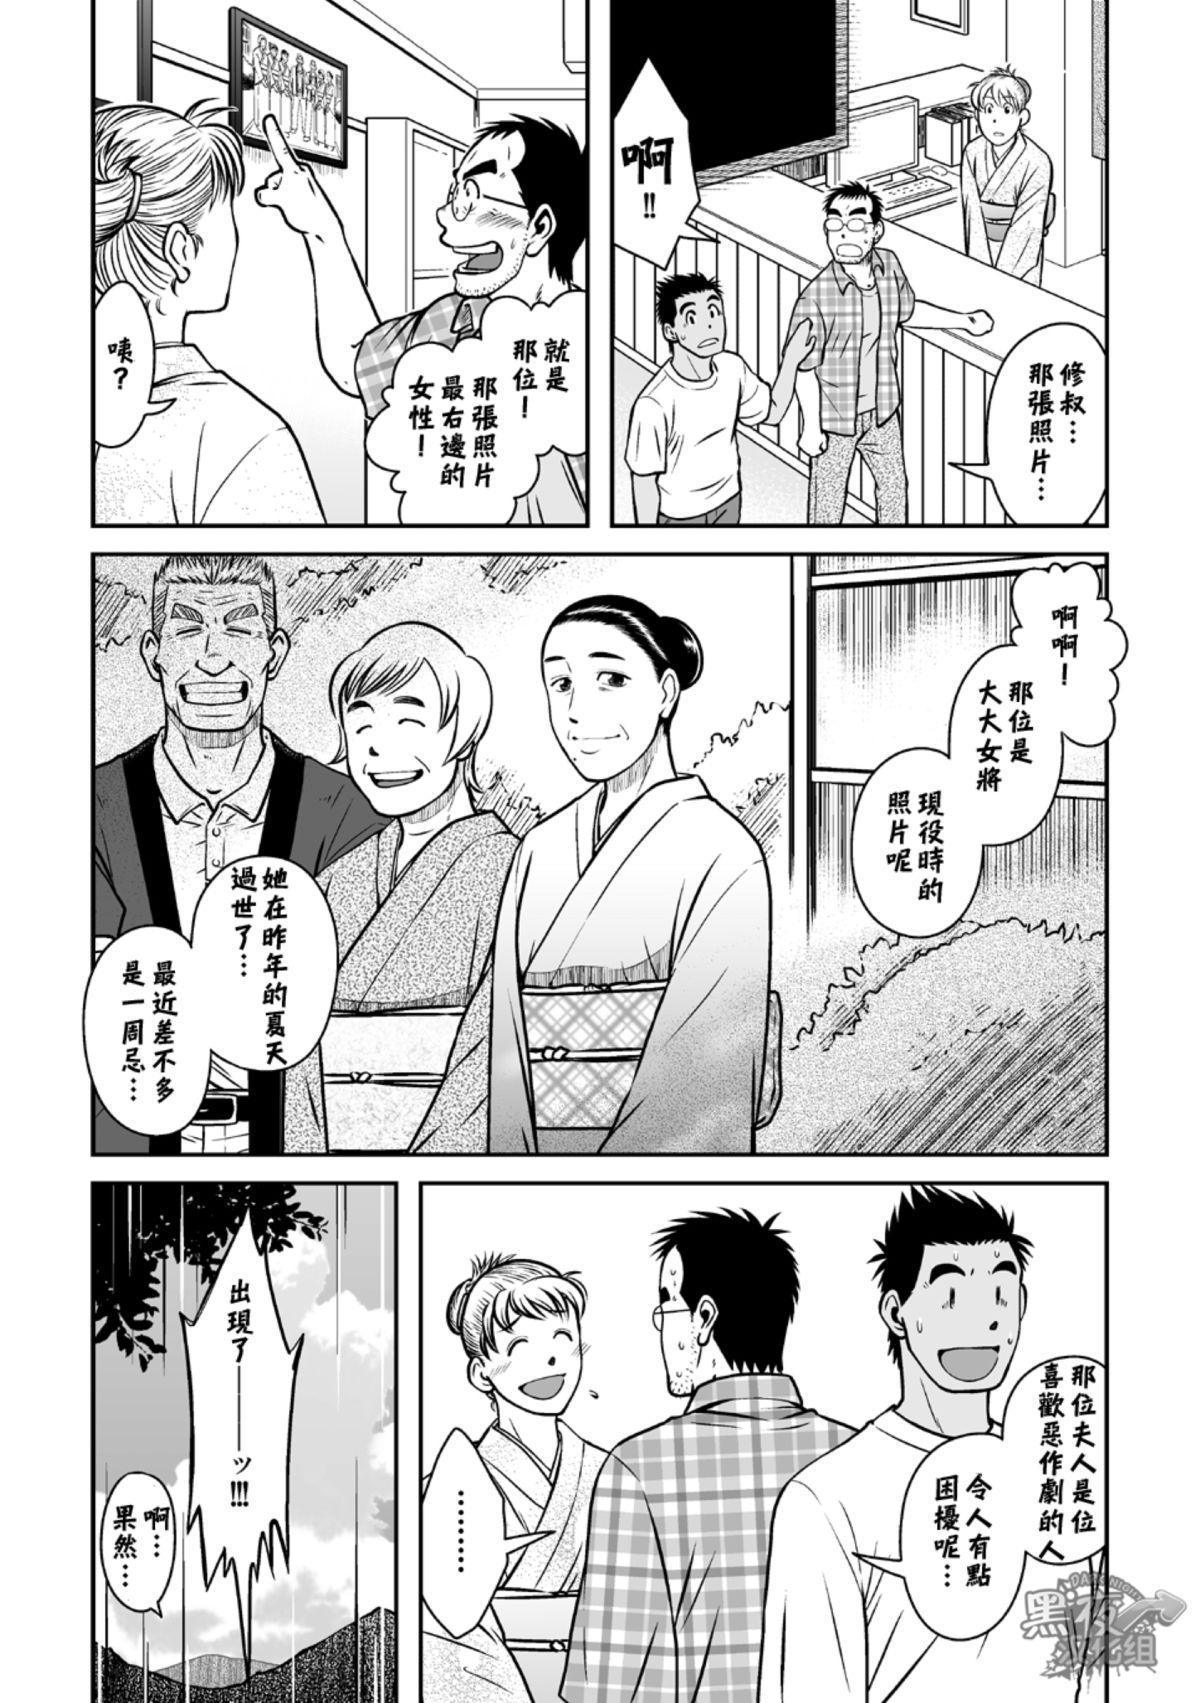 Hatsukoi Shoten 2 - Bururi Kaidan Ryokan | 初戀書店 2 21